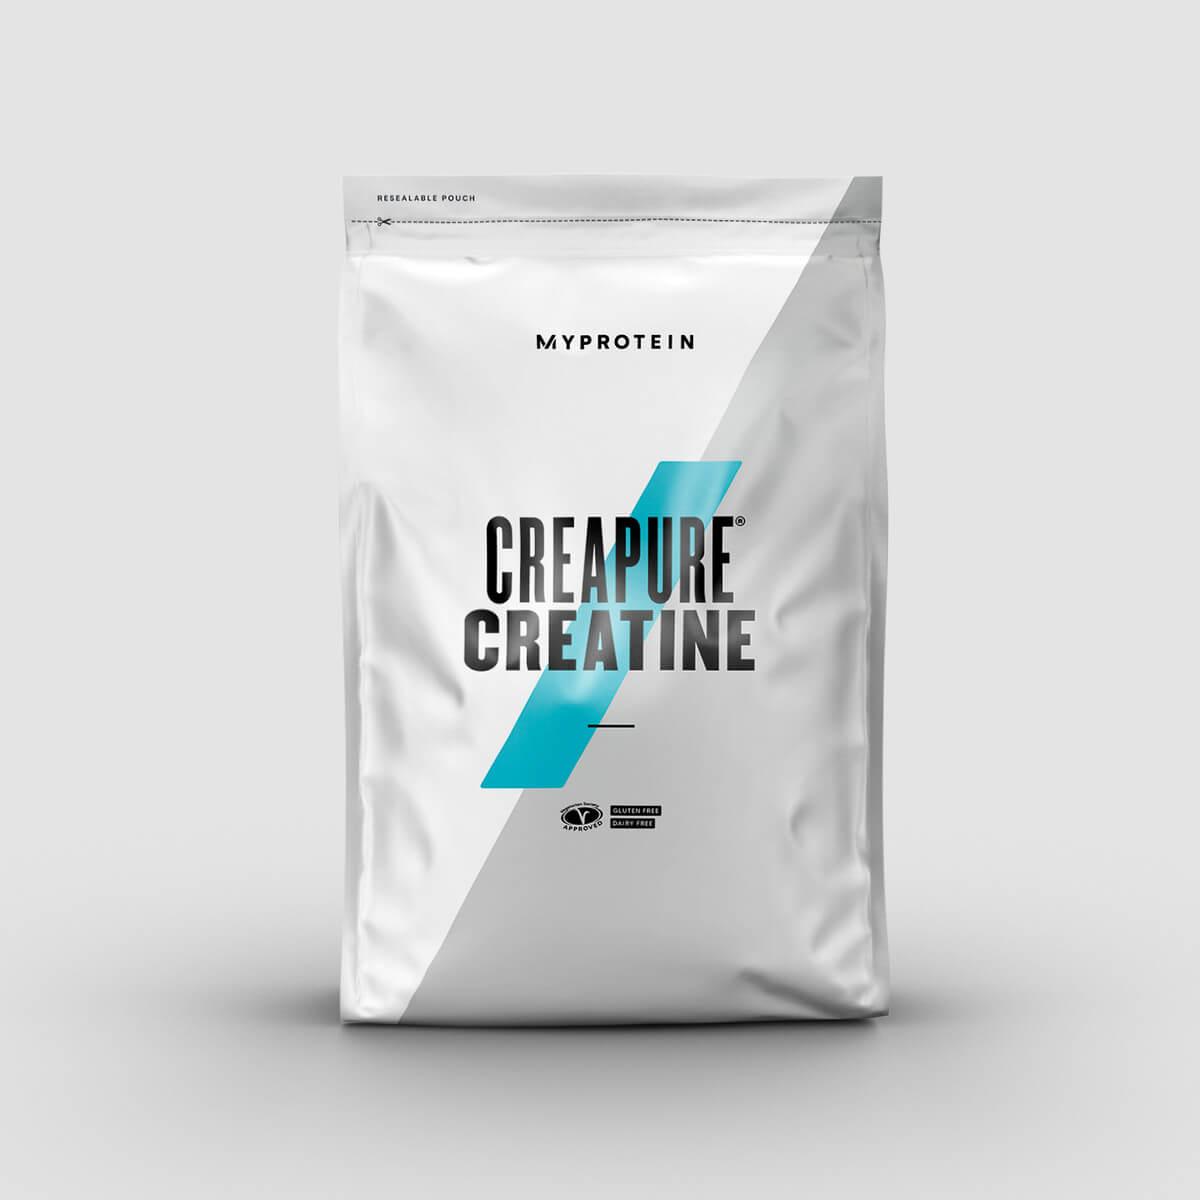 Myprotein Creapure® Creatine Powder - 250g - Tropical